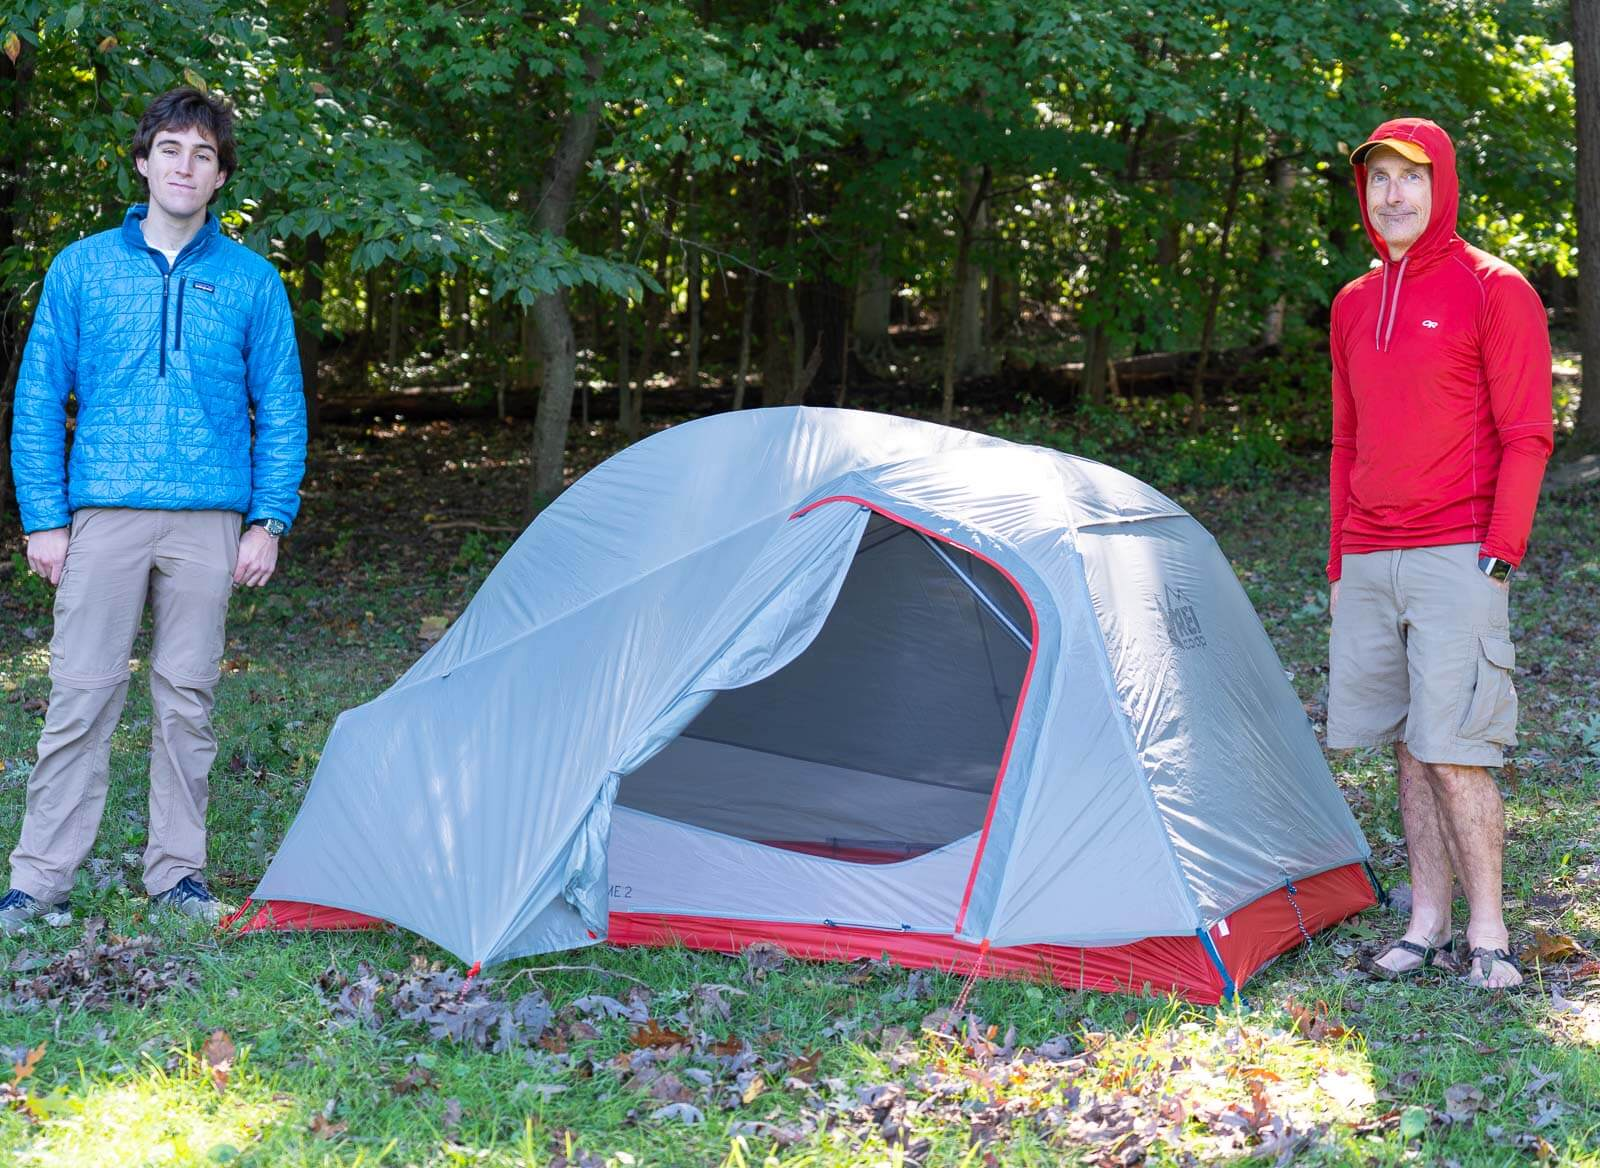 Lightweight Backpacking Tent - REI CO-OPQUARTER DOME 2 & 2019 Best Backpacking Tents | Lightweight u0026 Ultralight - Adventure Alan